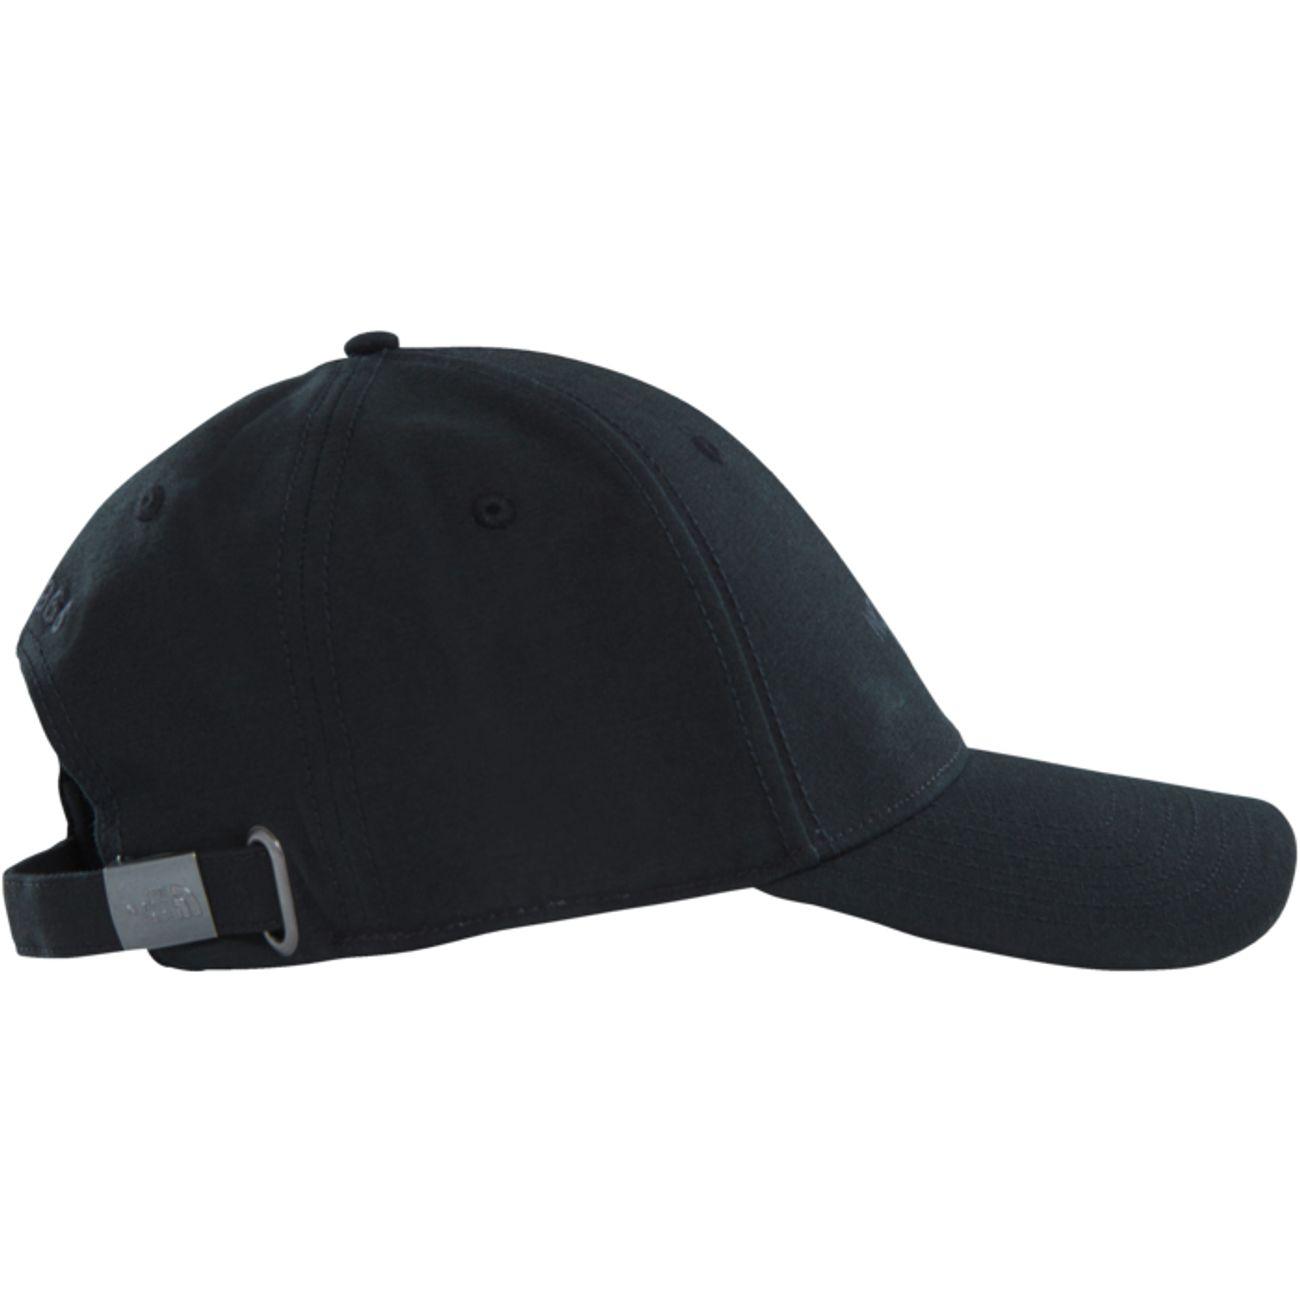 CASQUETTE Randonnée mixte THE NORTH FACE 66 CLASSIC HAT